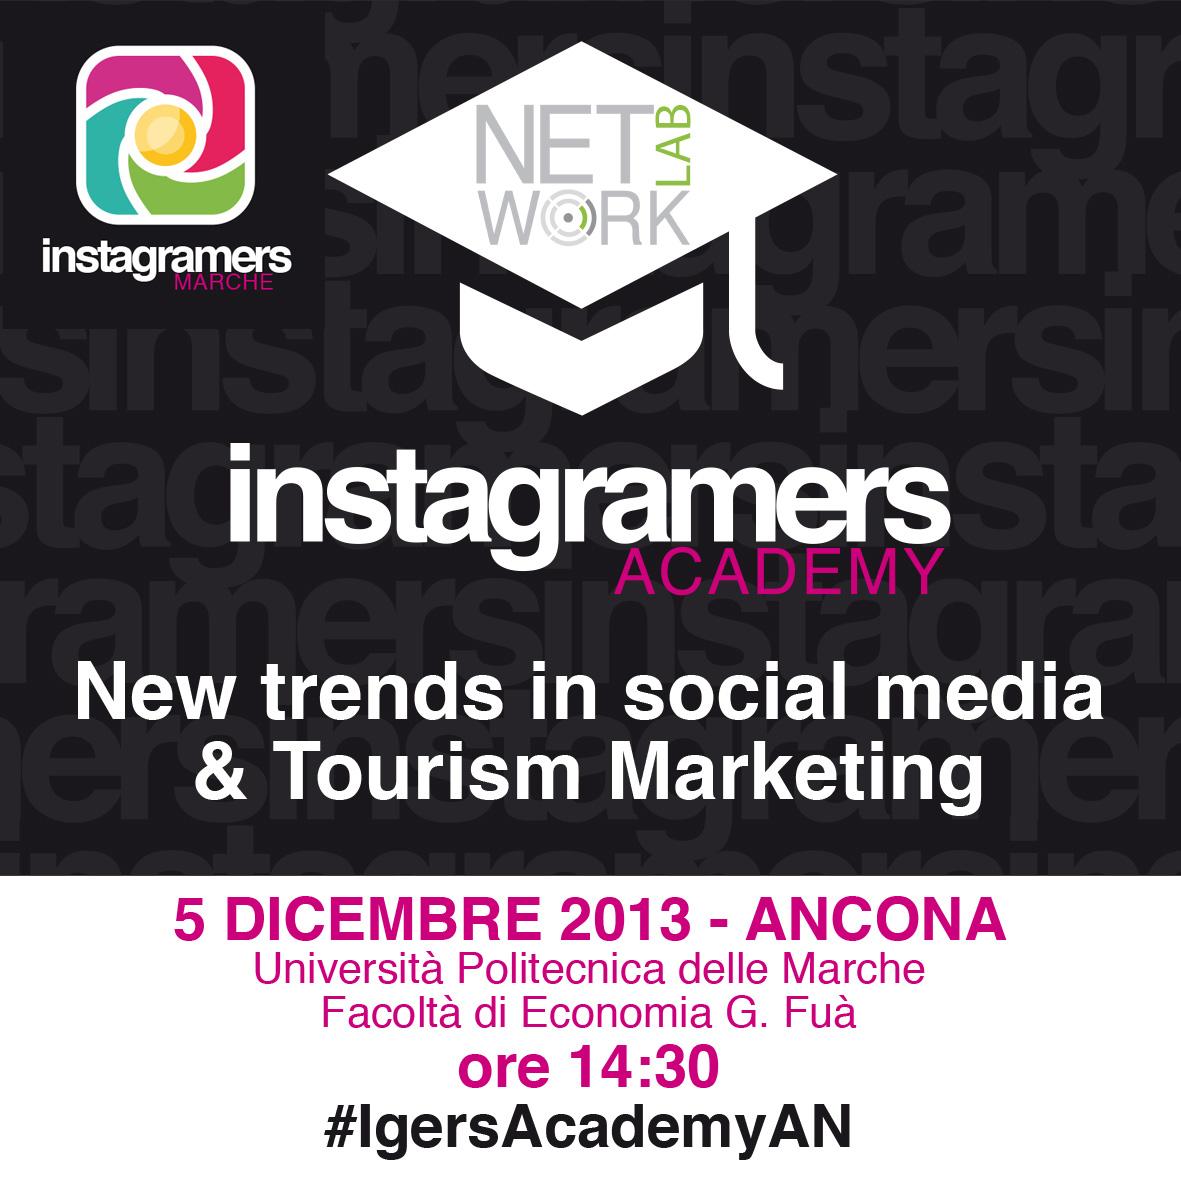 Instagramers Academy @ Università Politecnica delle Marche